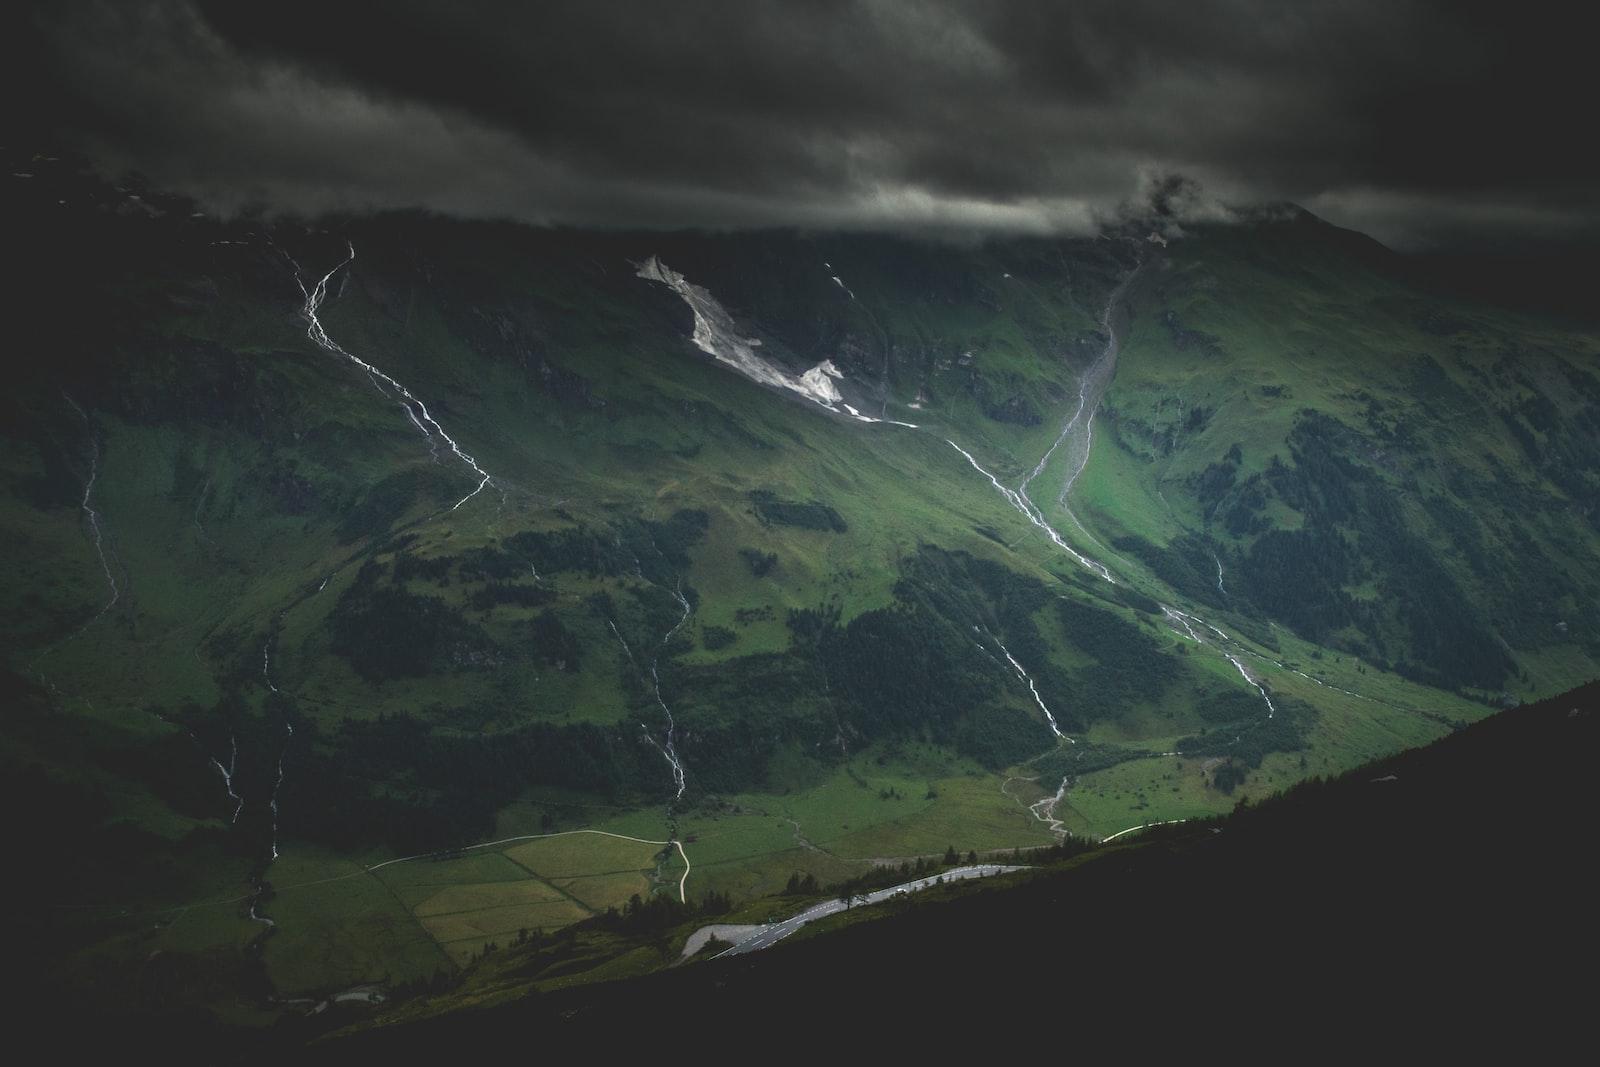 green mountain under dark